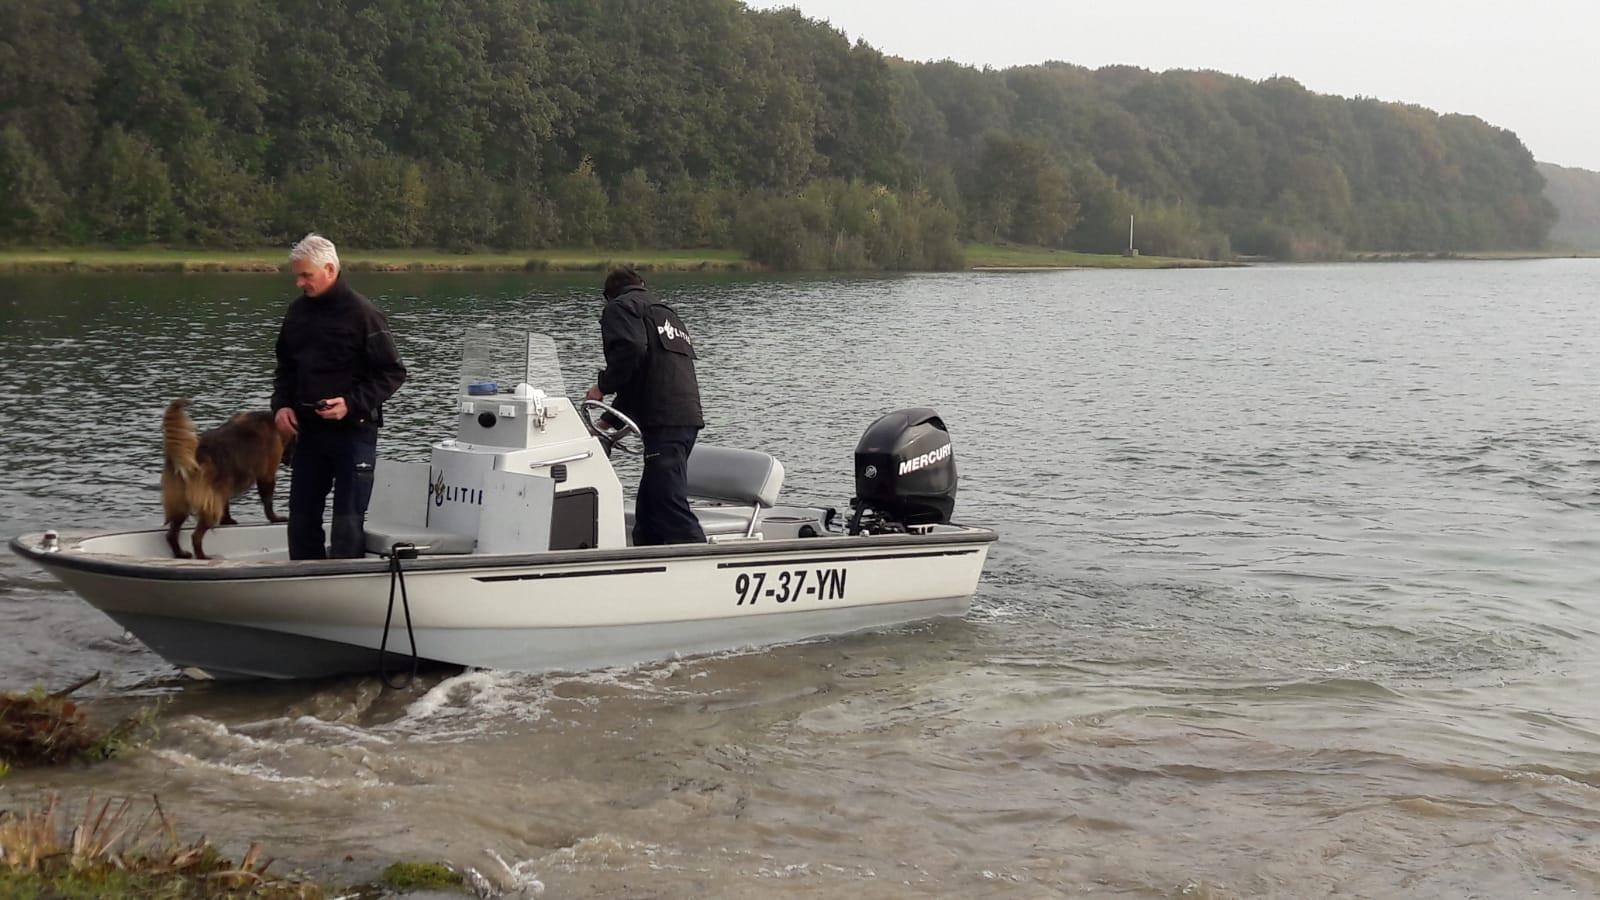 Een hond op een boot zoekt mee op het water.